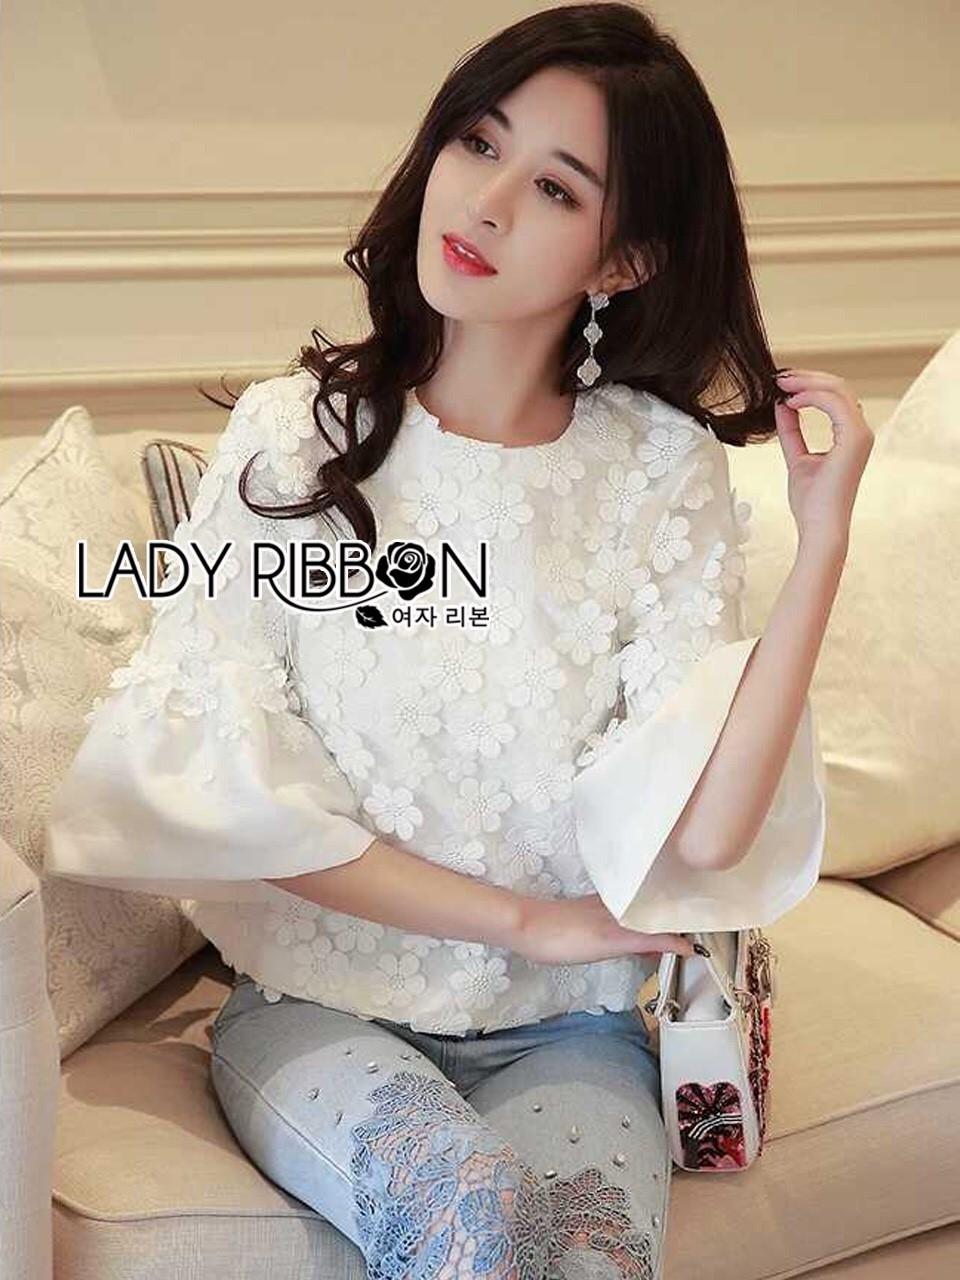 เสื้อผ้าเกาหลี พร้อมส่งเสื้อผ้าคอตตอนทับด้วยผ้าตาข่ายปักดอกไม้สีขาว